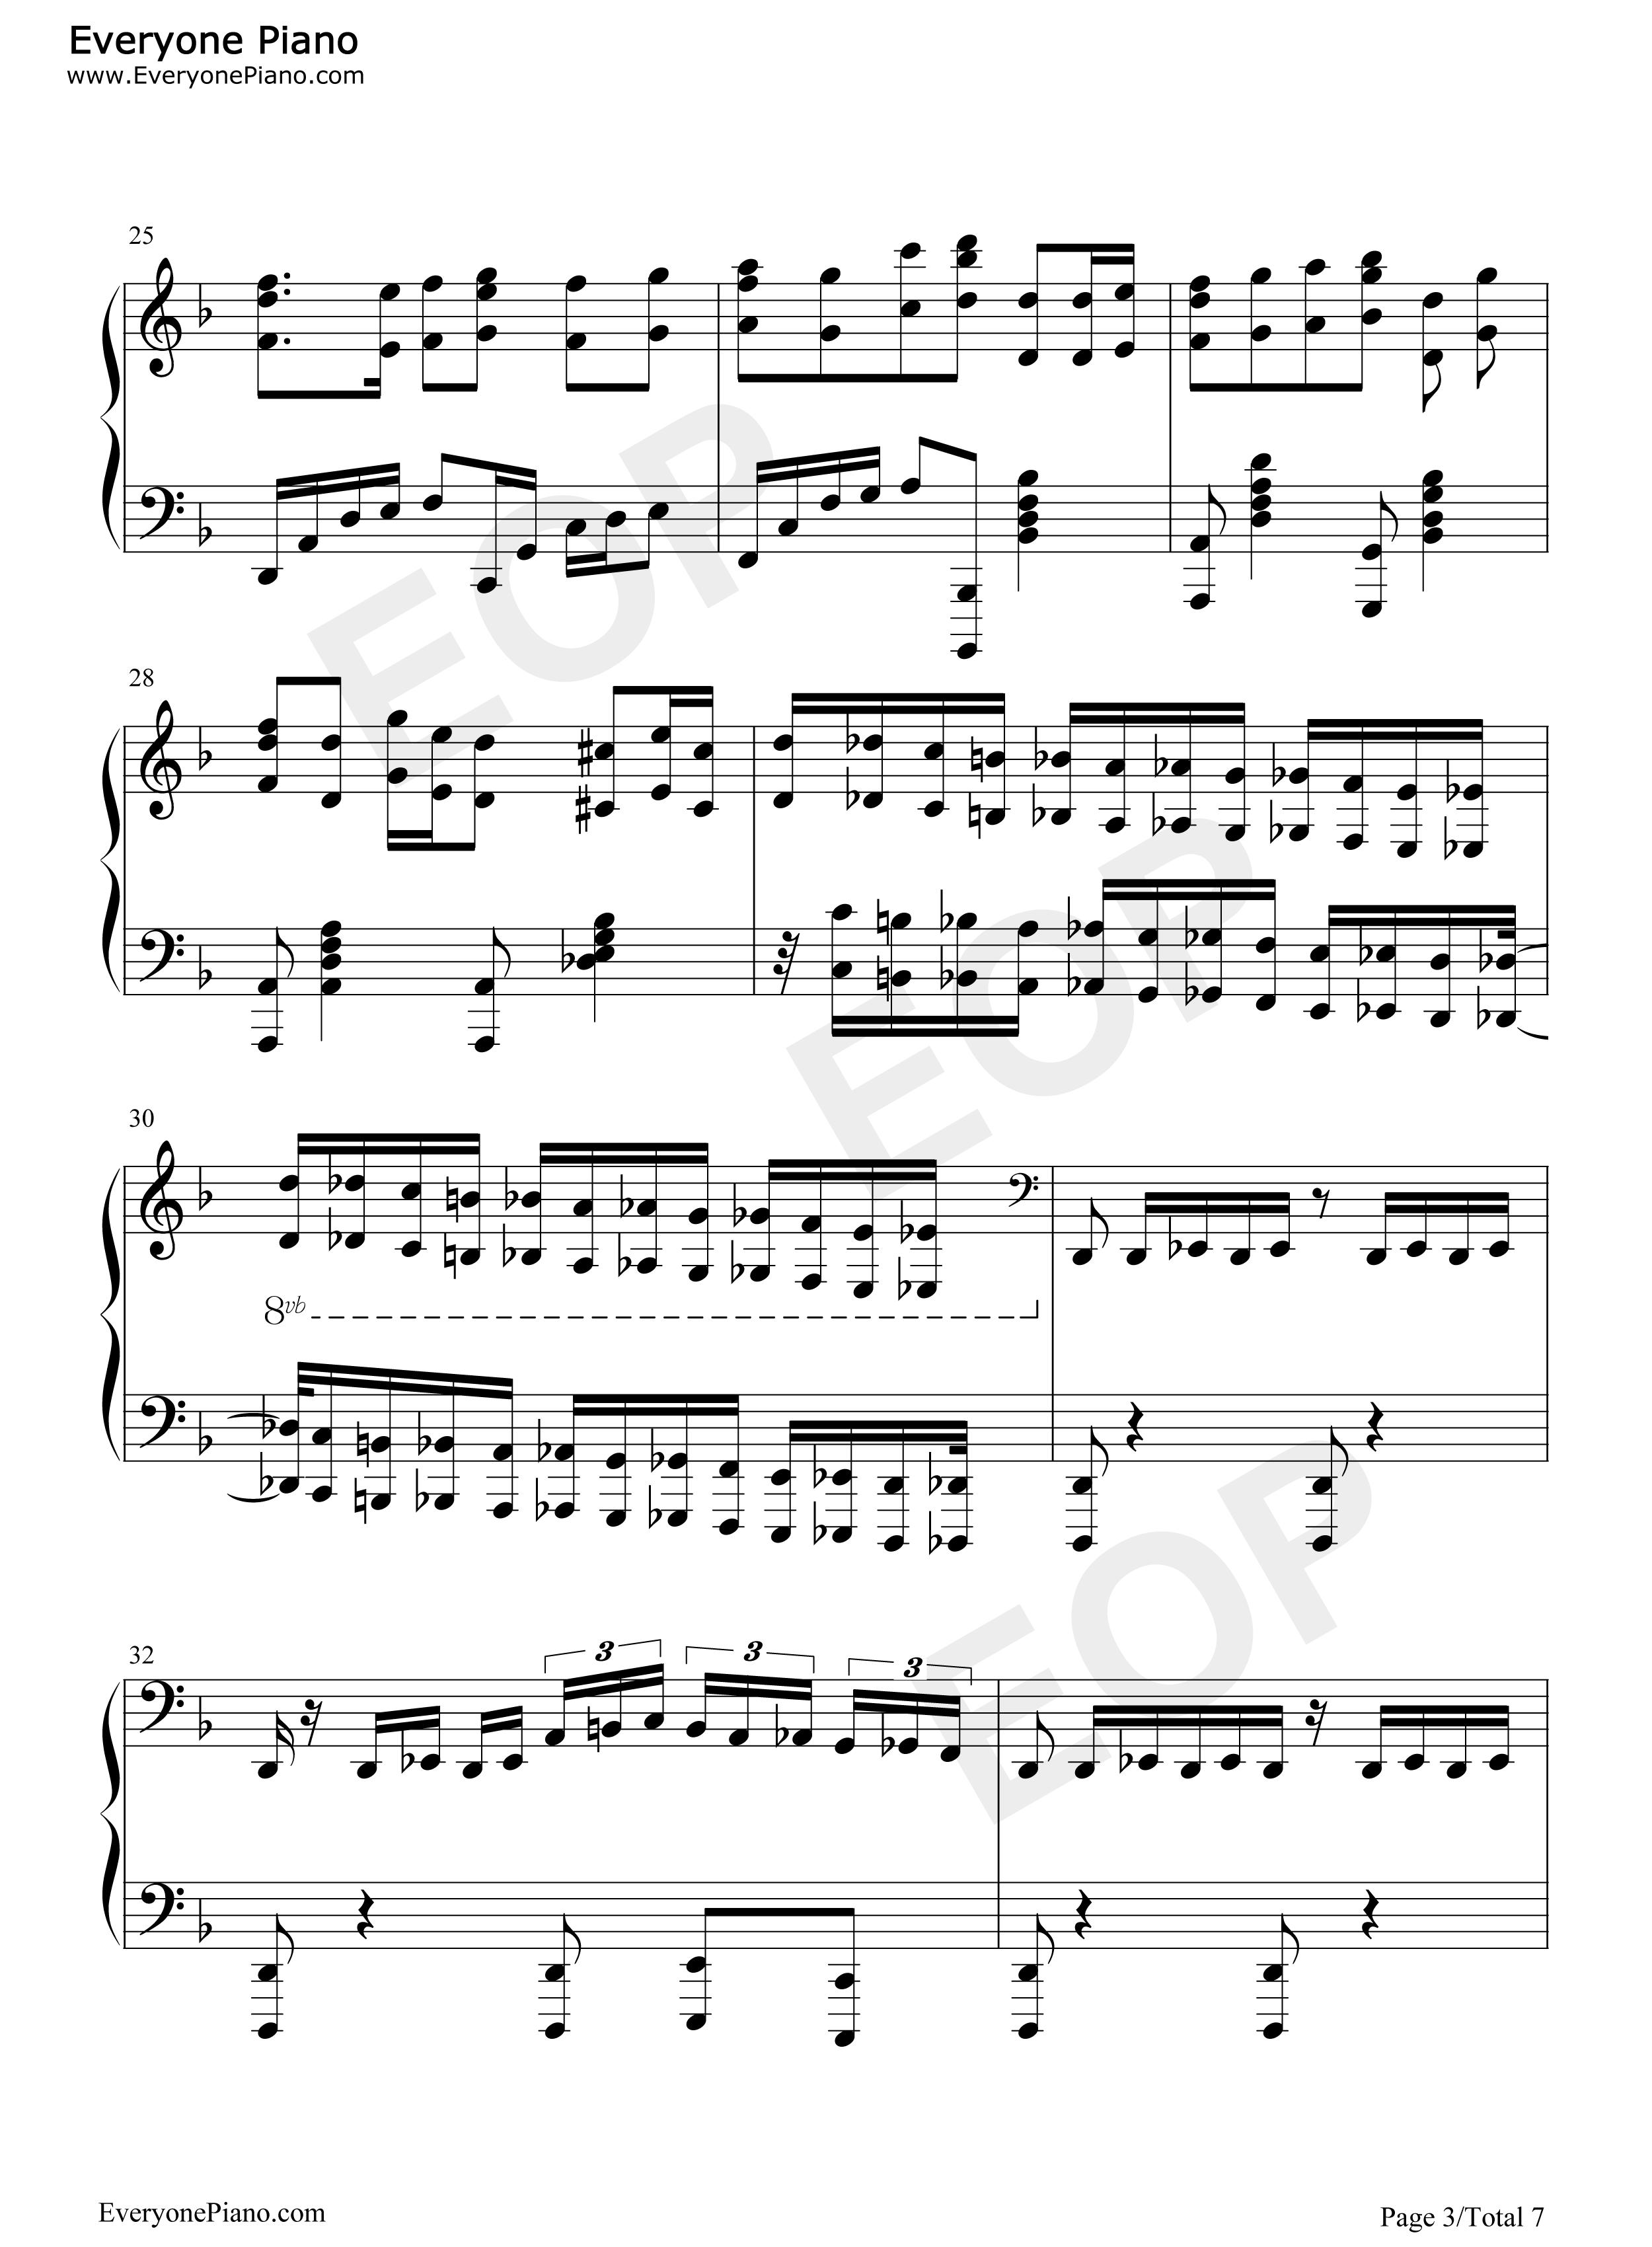 加勒比海盗主题曲谱图片大全 钢琴曲谱 加勒比海盗主题